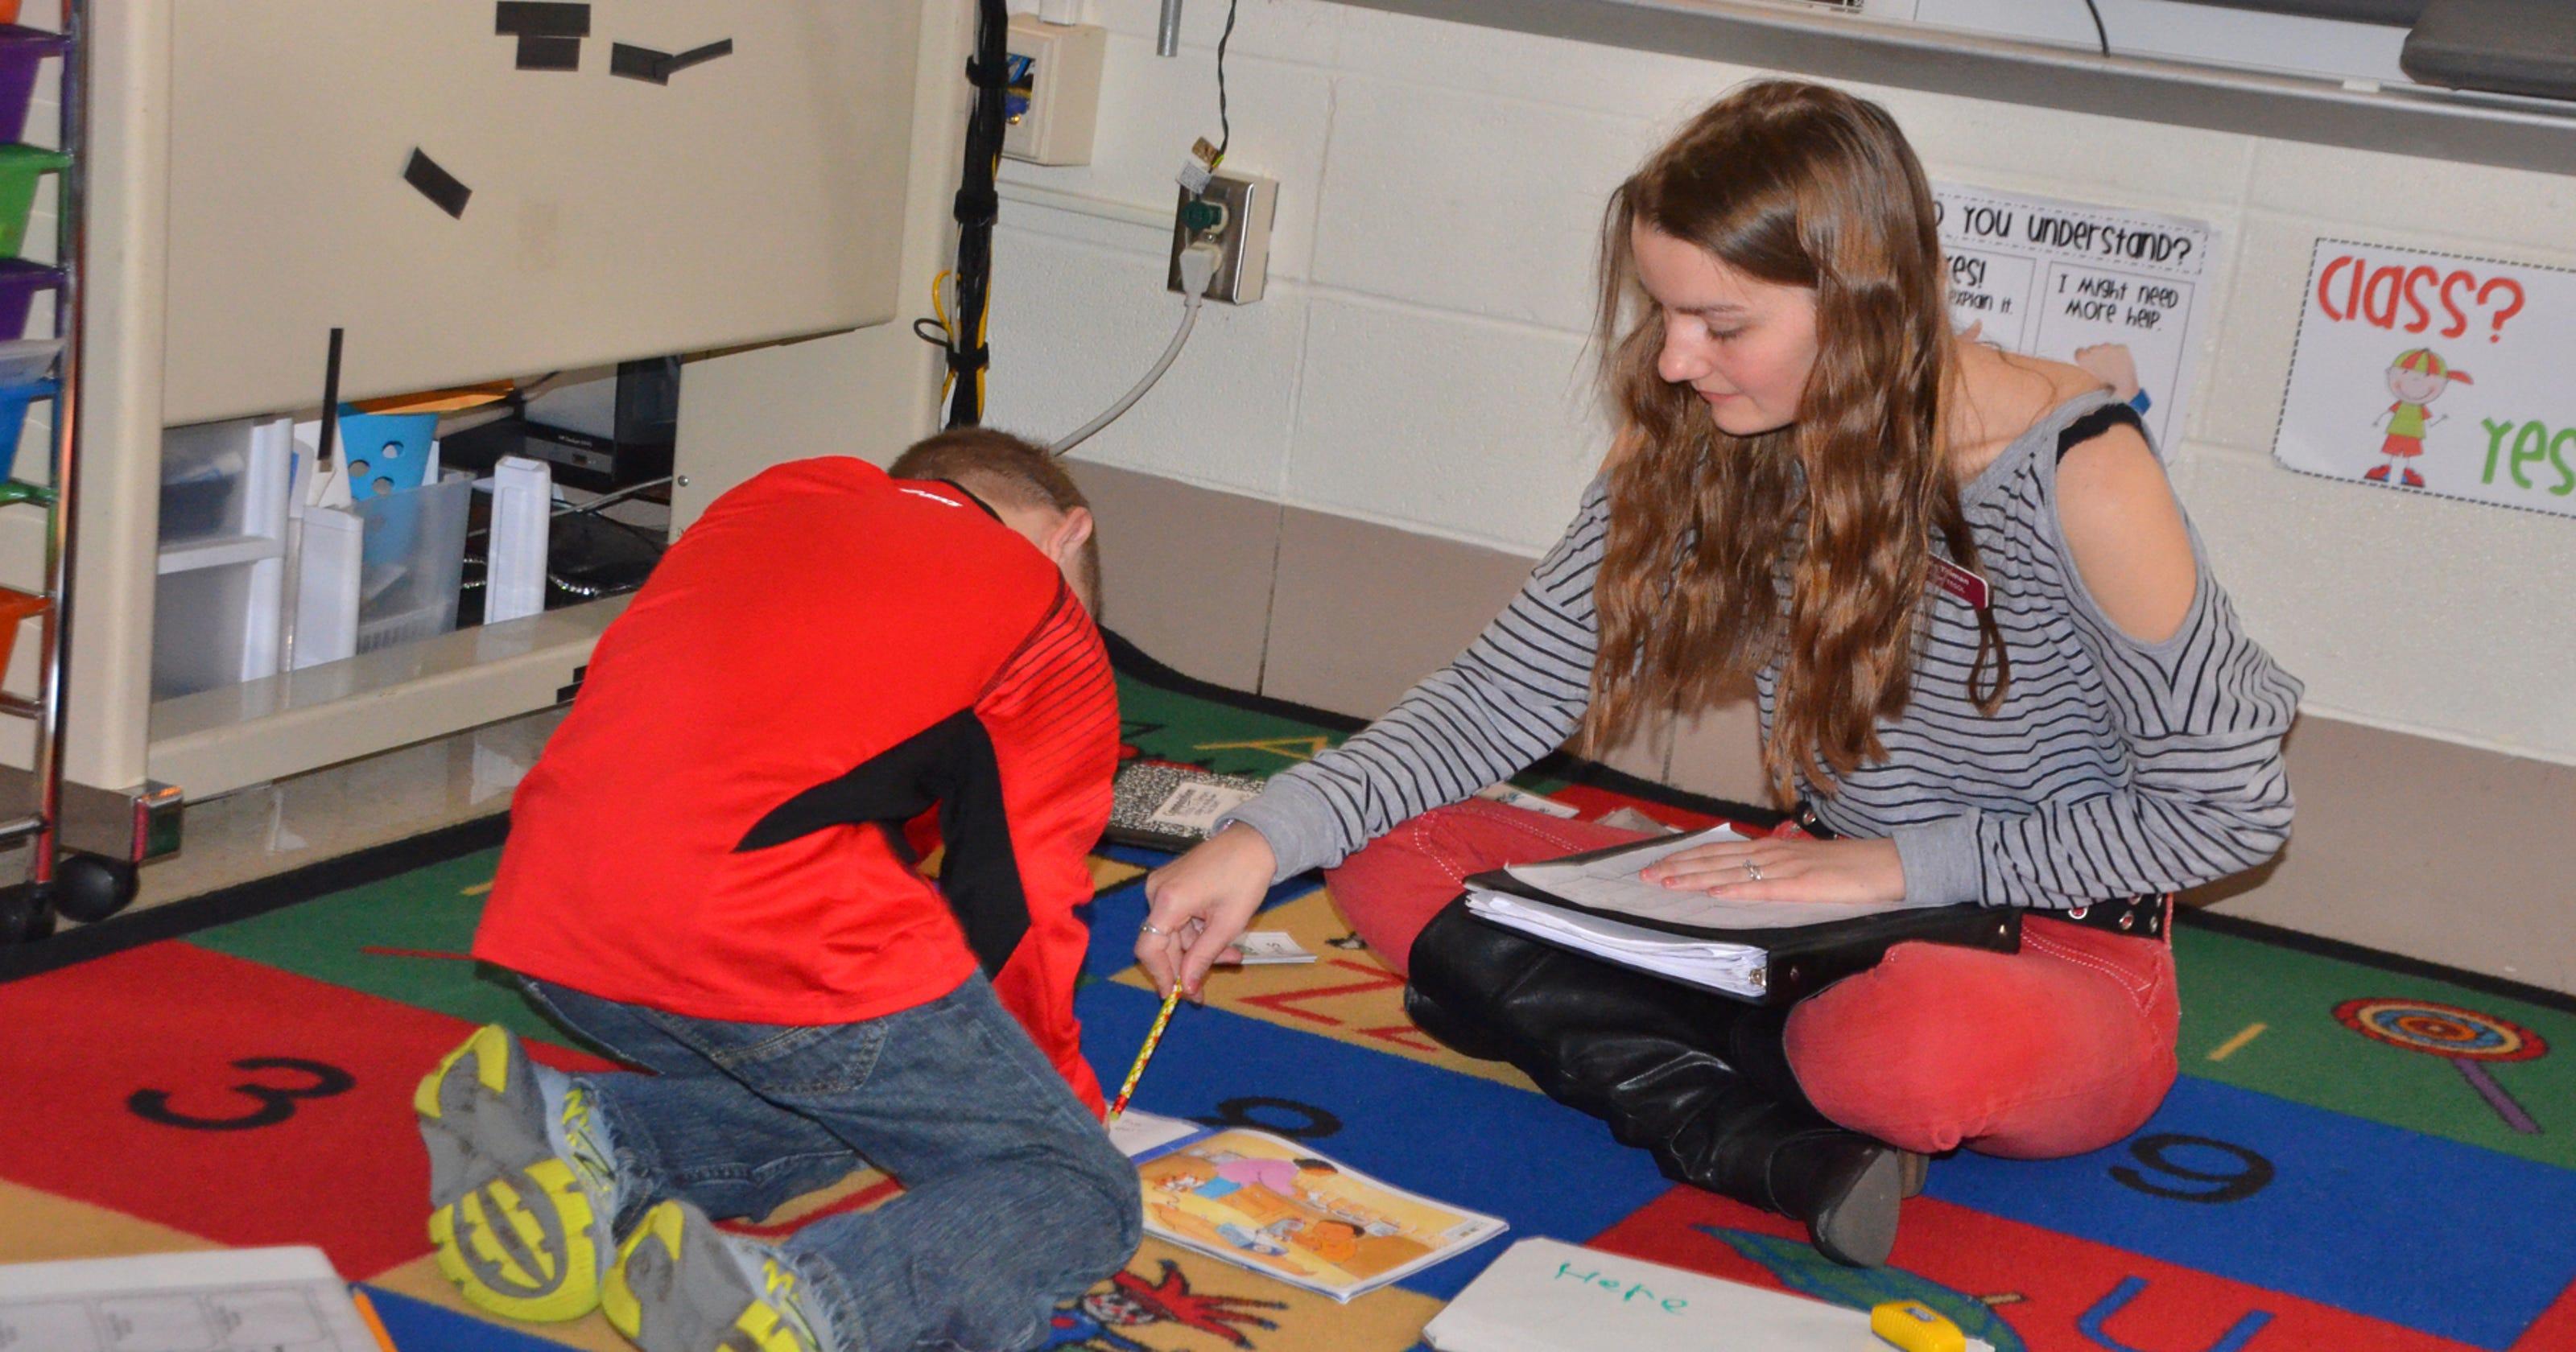 Evangel education majors partner with Weller Elementary